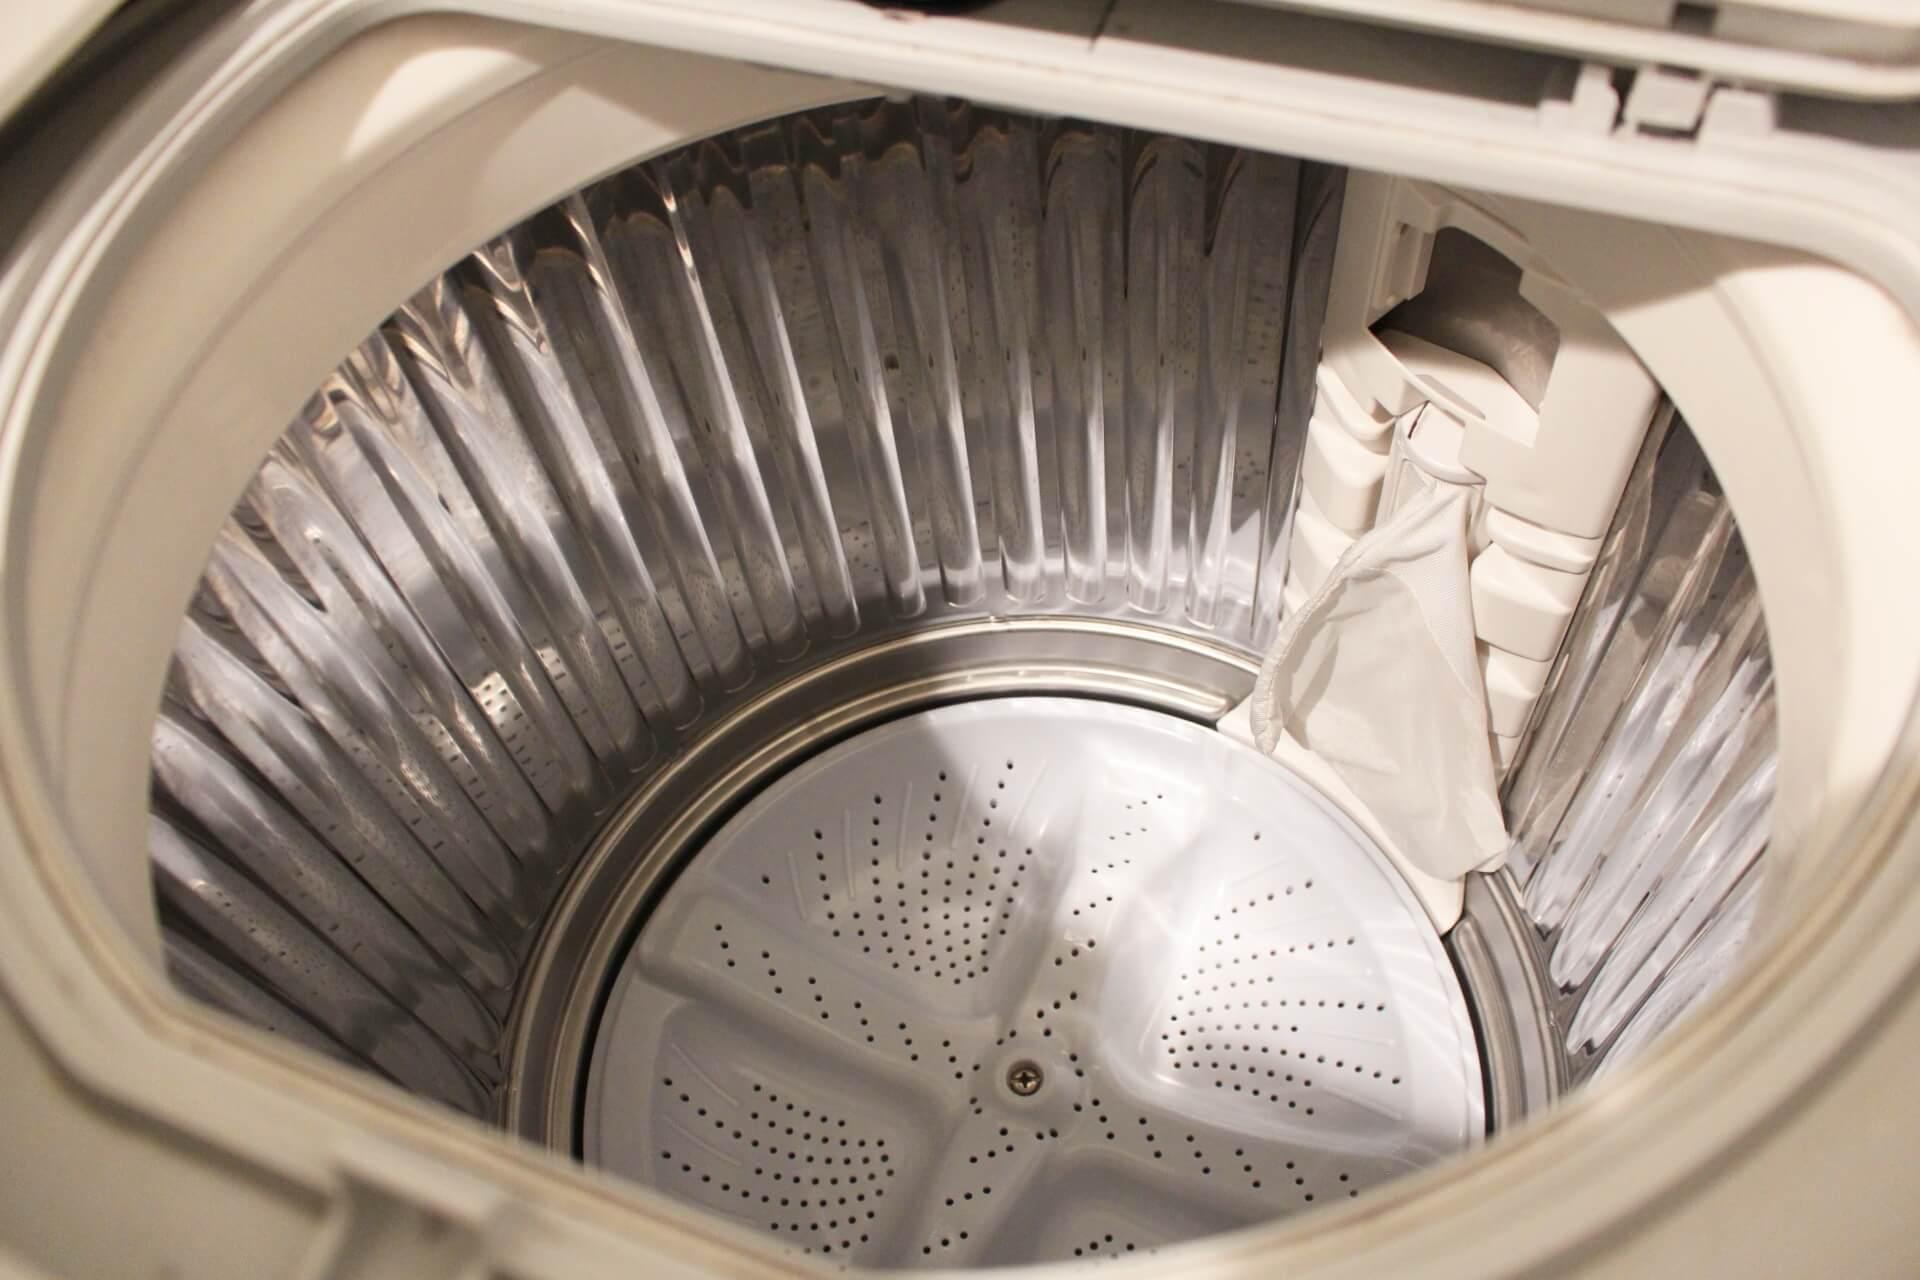 処分される洗濯機のイメージ写真です